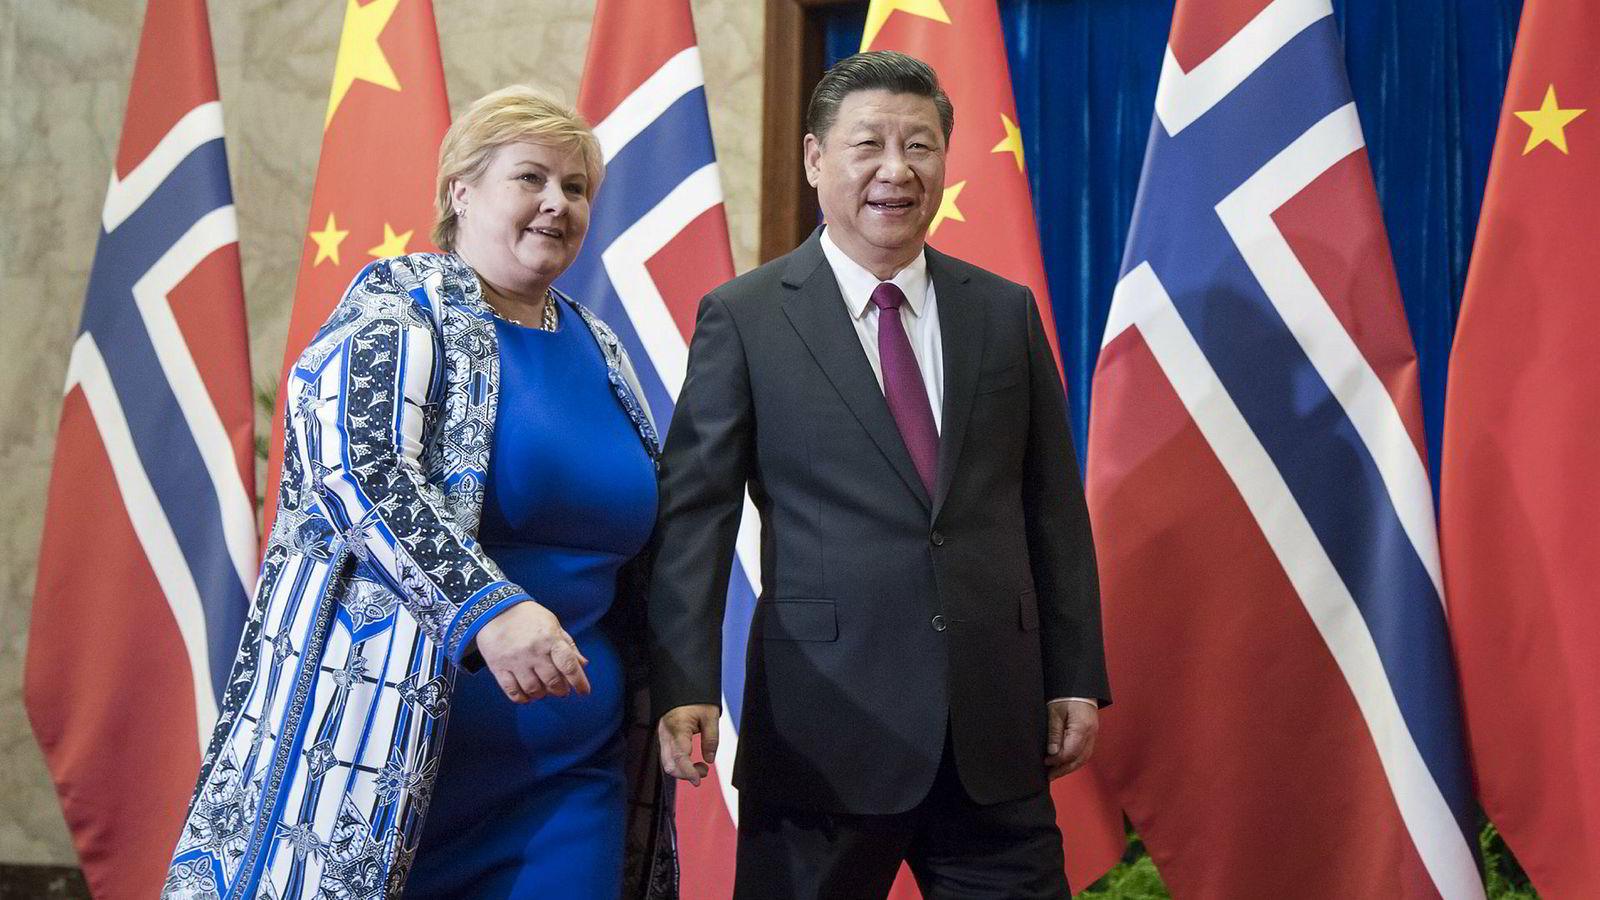 Det går en stri strøm av norske delegasjoner til Kina, i kjølvannet av at forholdet mellom landene er normalisert. Statsminister Erna Solberg besøkte Kina og president Xi Jinping i april ifjor.